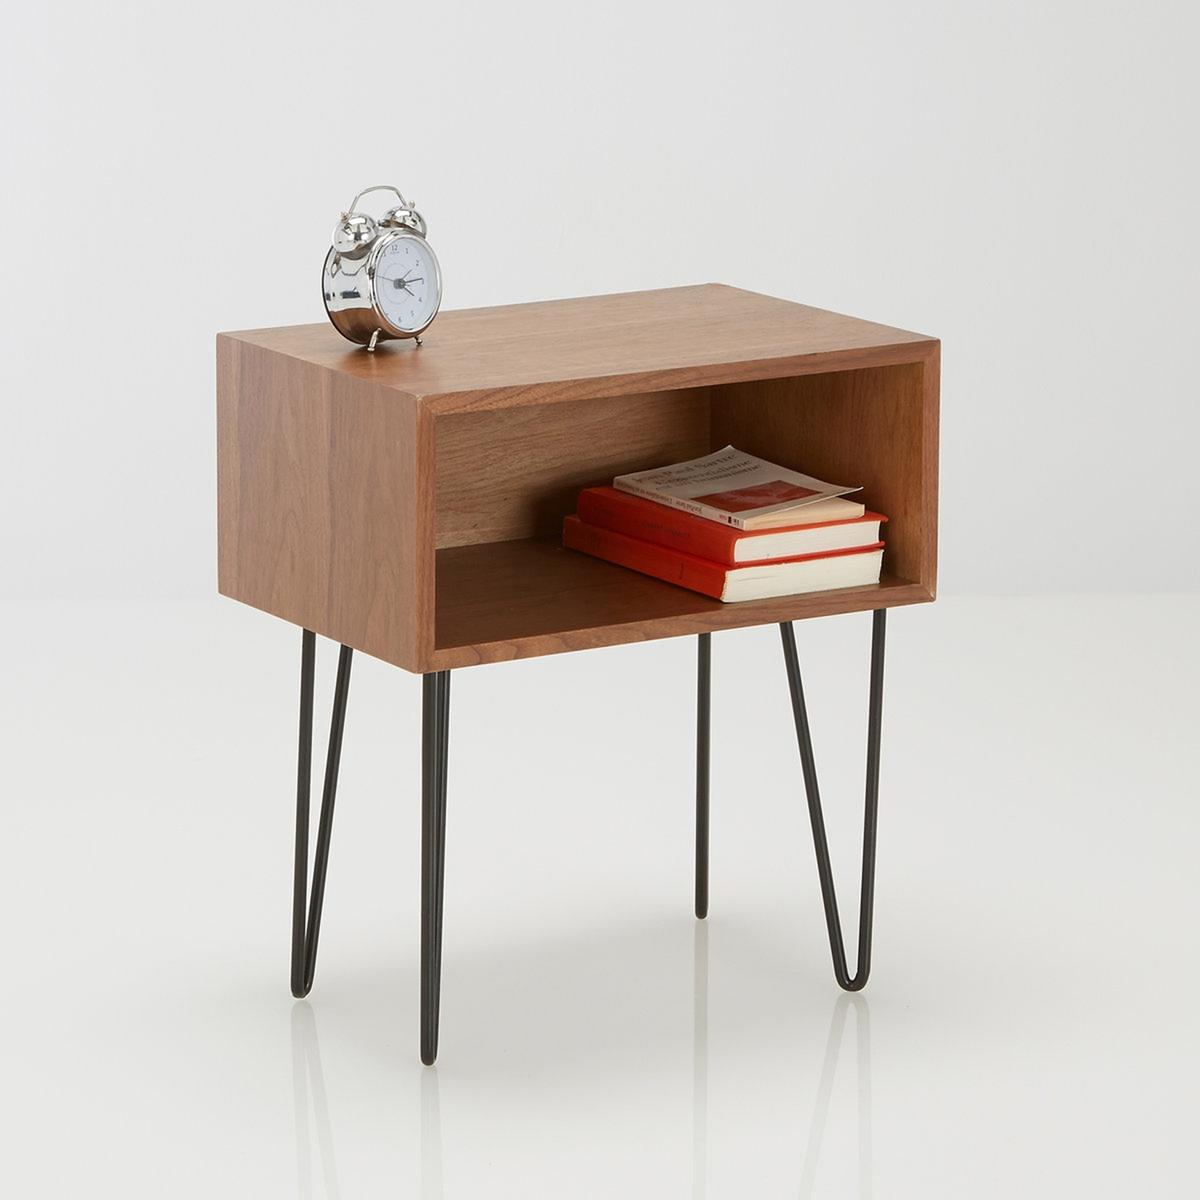 Прикроватный столик в стиле винтаж  WatfordПрикроватный столик  Watford. Внесите небольшую винтажную нотку, наполненную шарма, в ваш интерьер, комнату или гостиную, ведь столик Watford может использоваться также как вспомогательная мебель.Характеристики прикроватного столика Watford :Верх в виде столешницы   .Ниша для размещения вещей из шпона орехового дерева .Металлические ножки с эпоксидным покрытием черного цвета.Поставляется в разобранном виде.Вся коллекция Watford доступна на нашем сайте.ru.Размеры столика  Watford :Ширина : 45 смВысота : 50,5 см  Глубина : 30 смРазмеры упаковки :1 упаковка50 x 26 x 36 смВес 8 кг<br><br>Цвет: черный